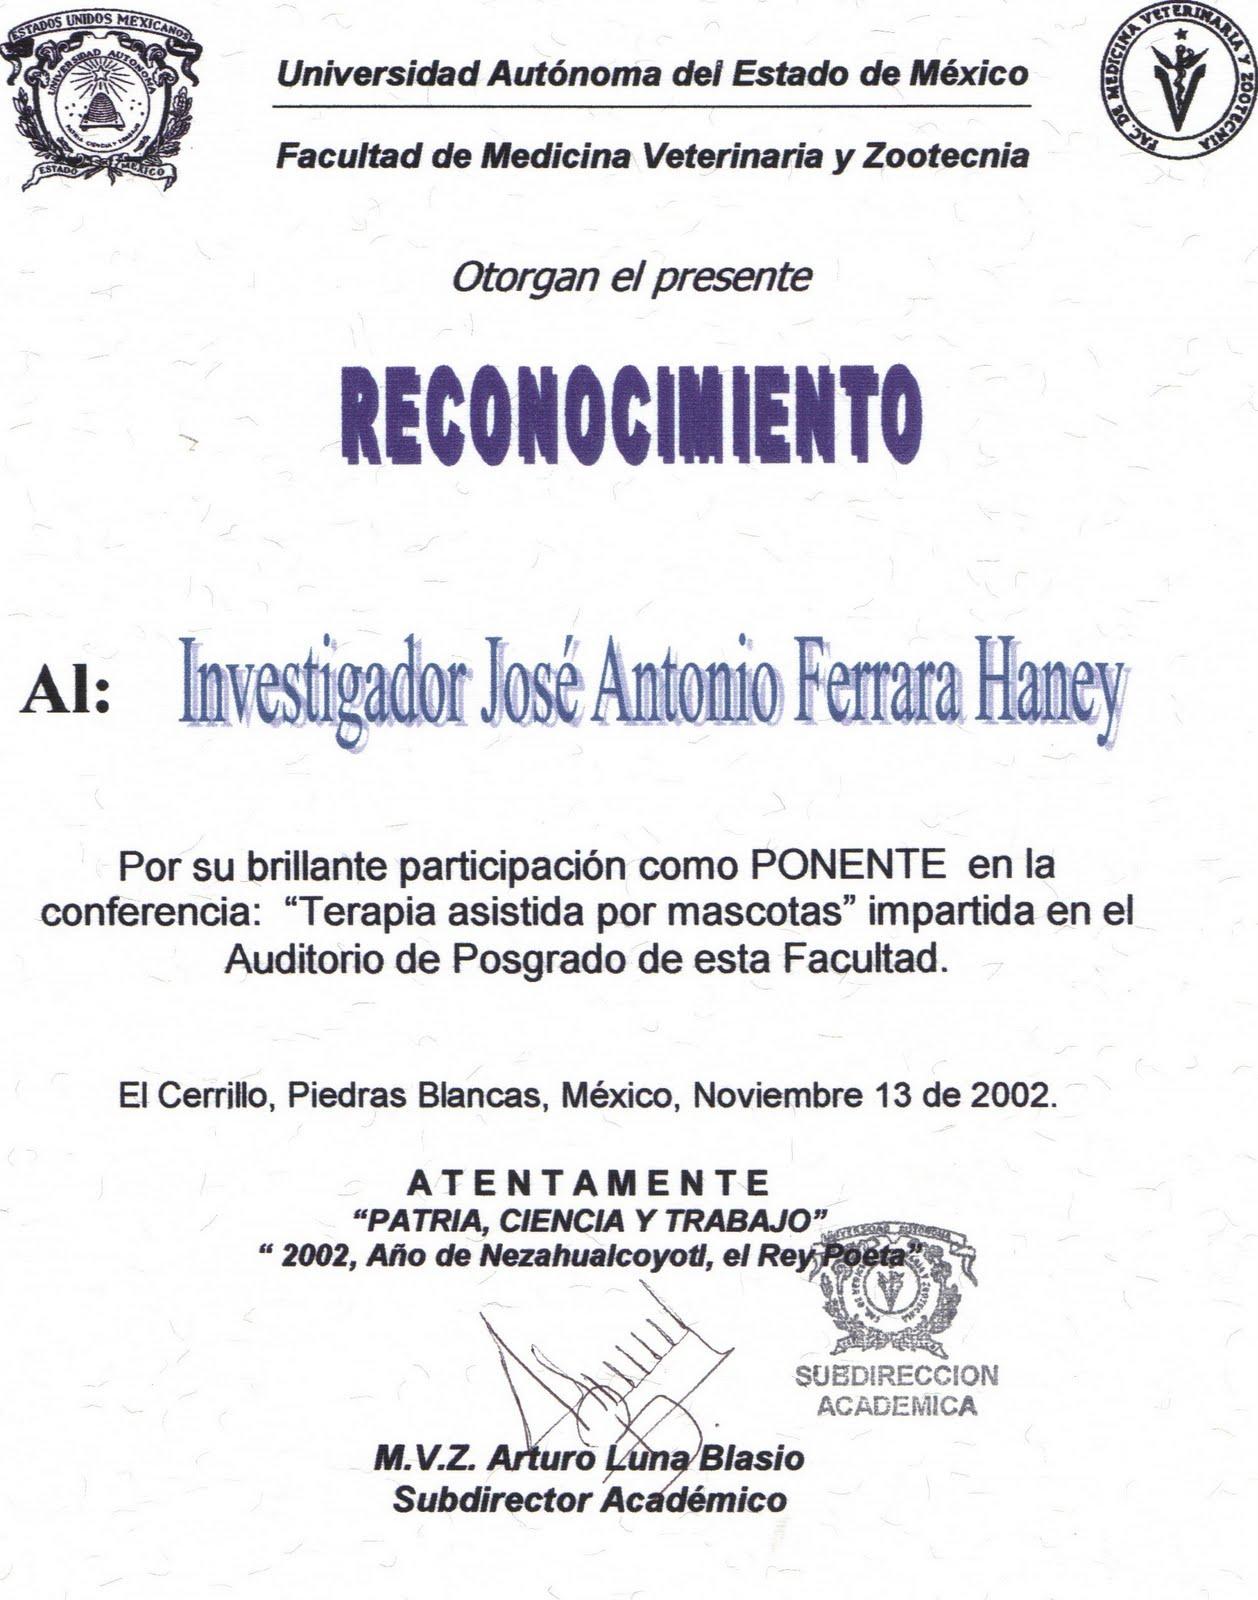 de medicina veterinaria y zootecnia de la universidad autonoma del